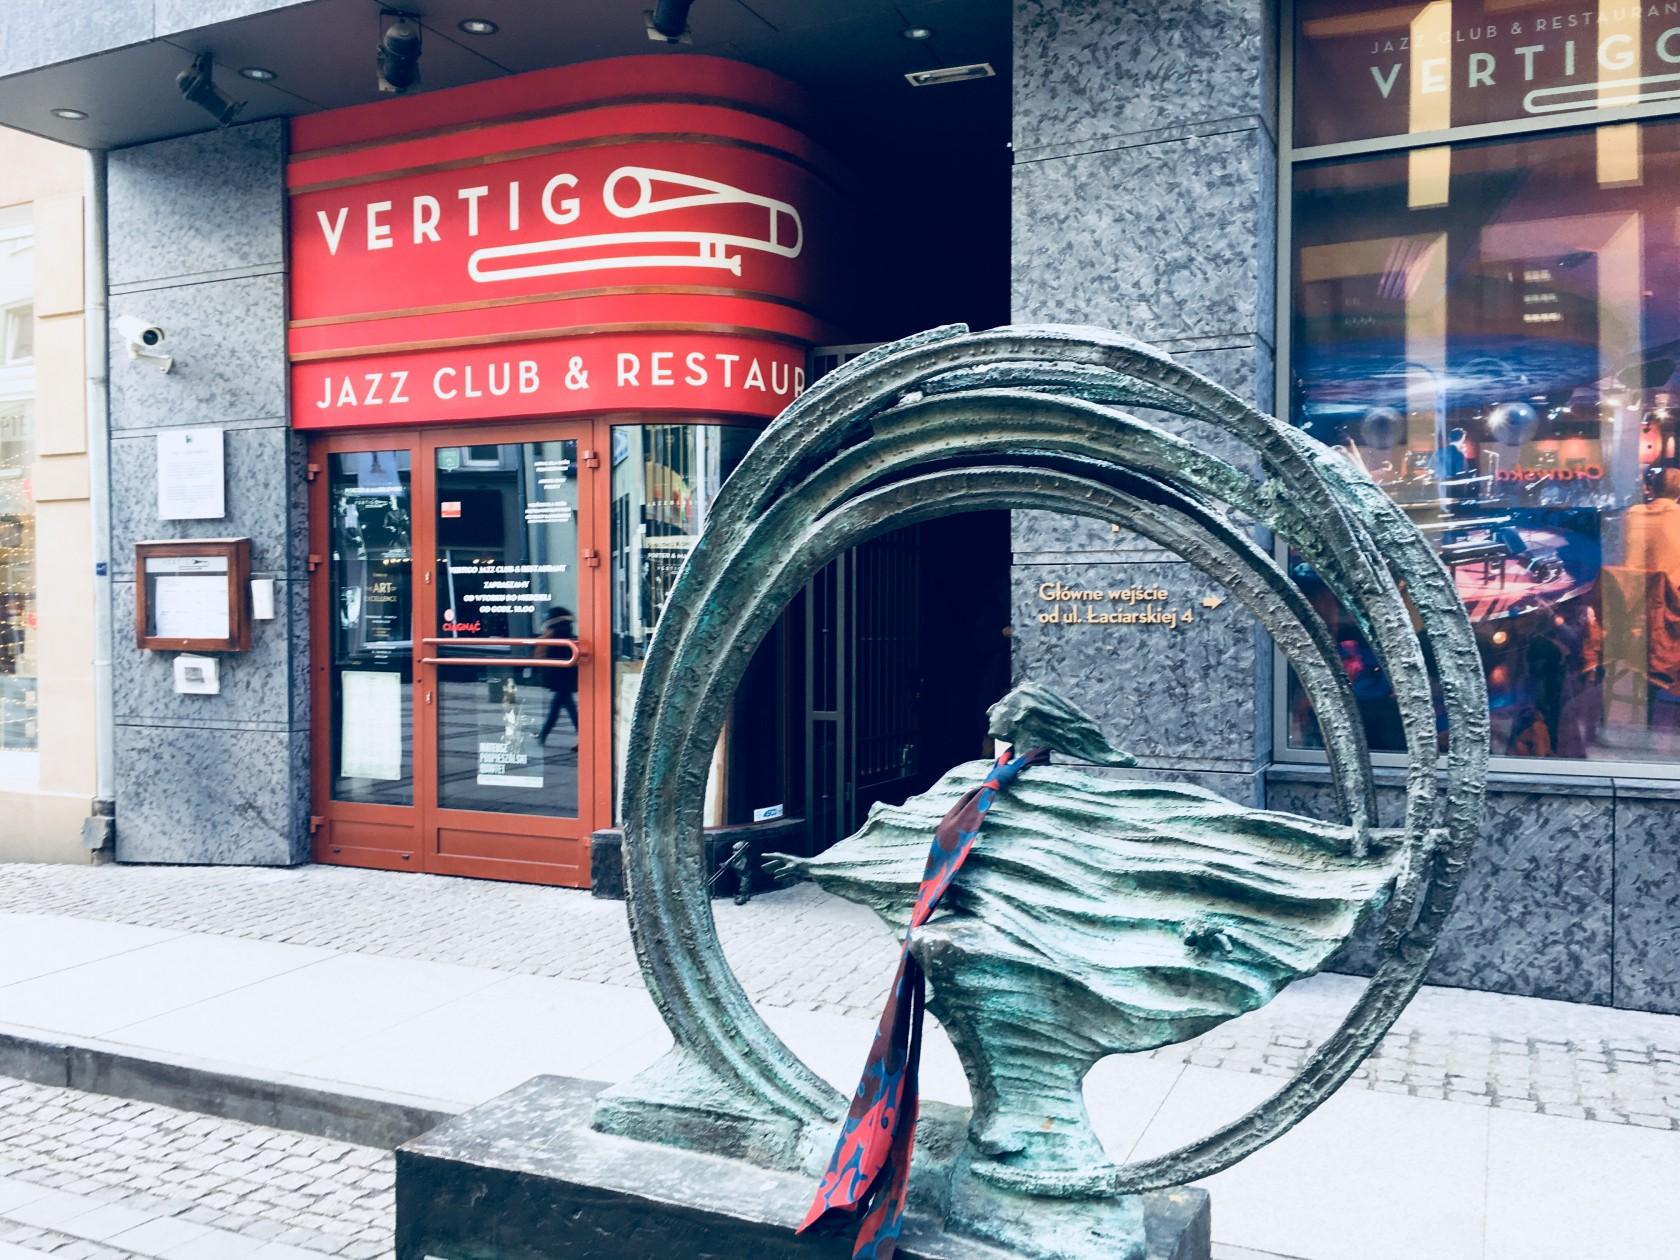 Vertigo Jazz Club & Restaurant - Zapraszamy do naszego klubu